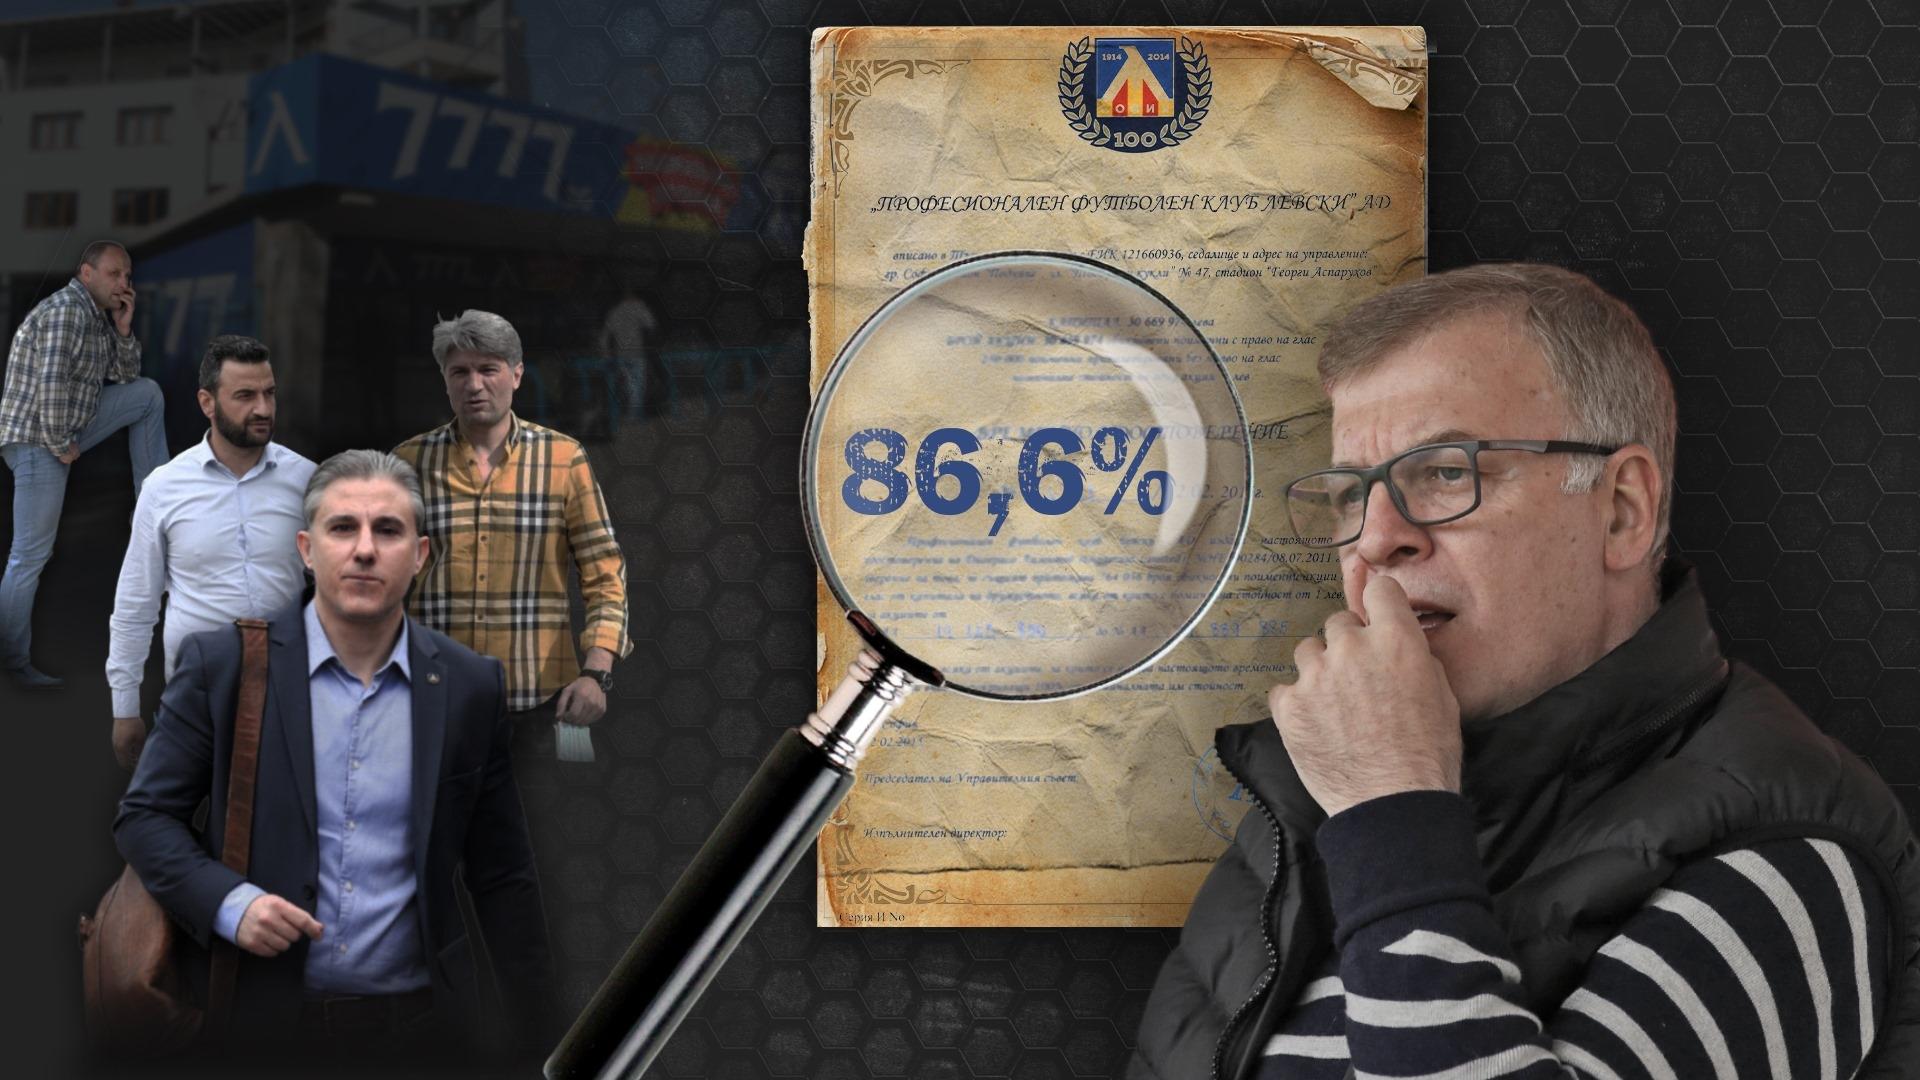 Легендата на Левски Наско Сираков потвърди, че е получил акциите